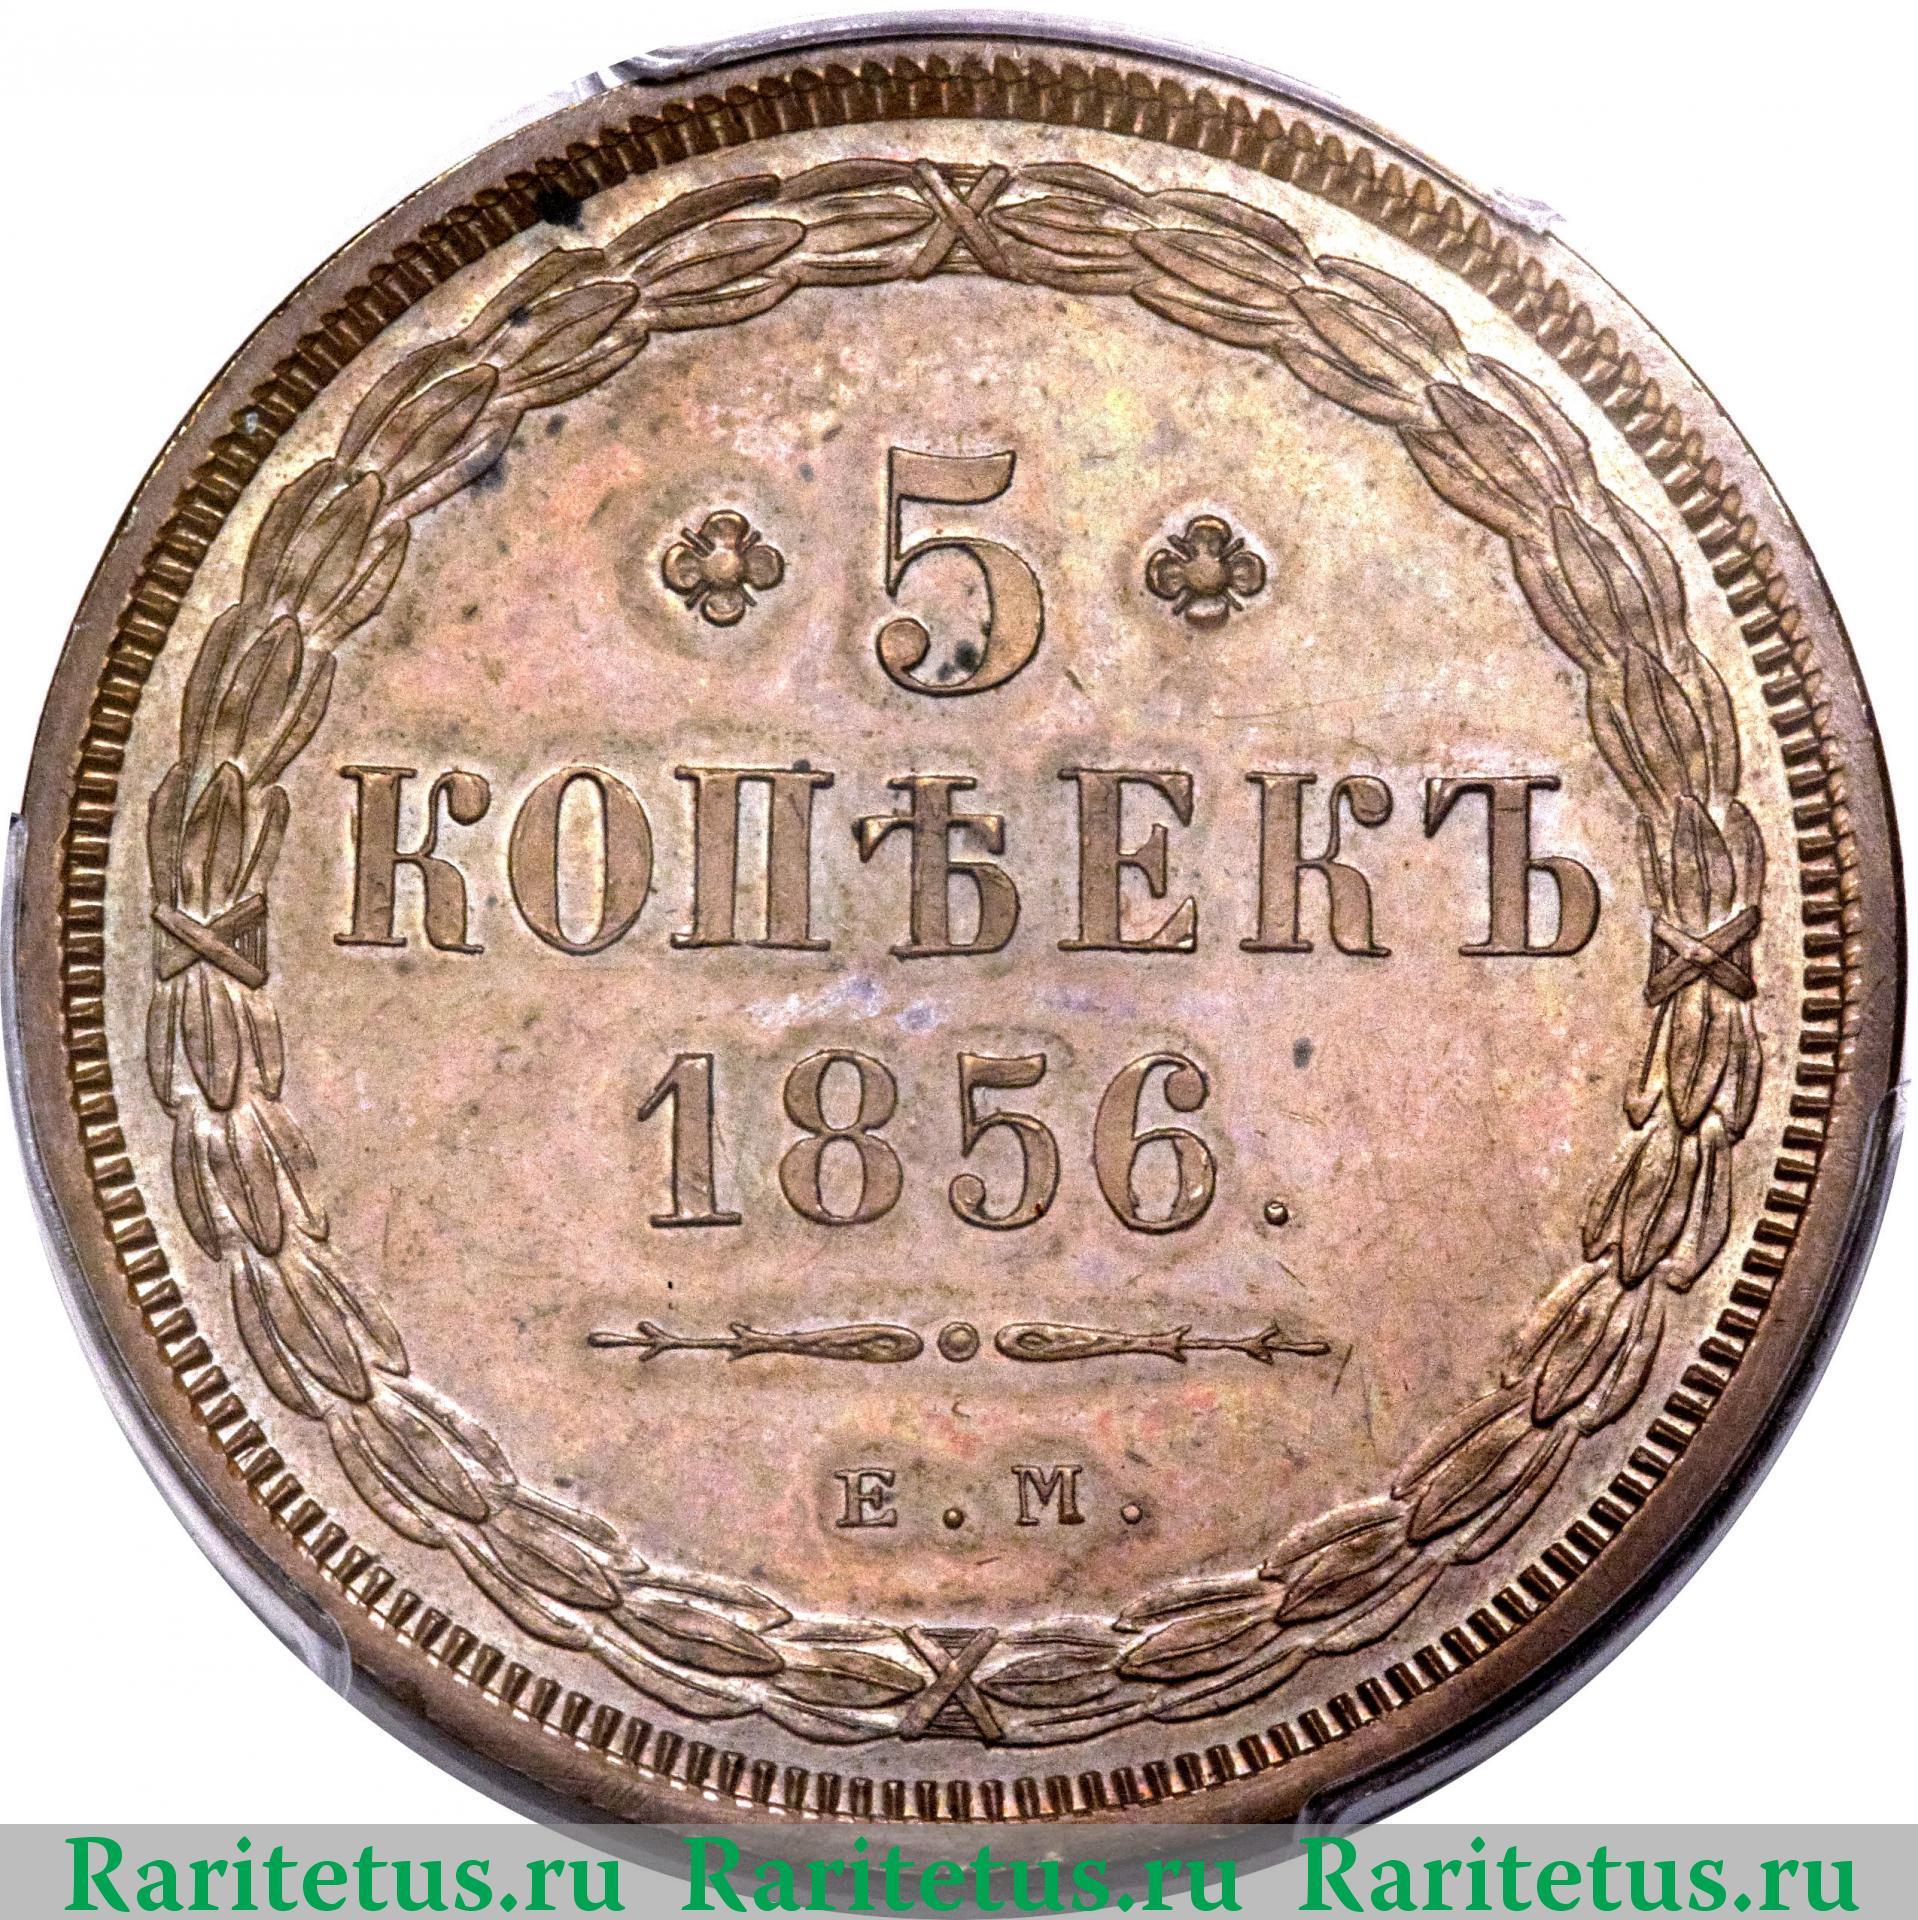 Сколько стоит монета 1856 года копейка череп и осьминог